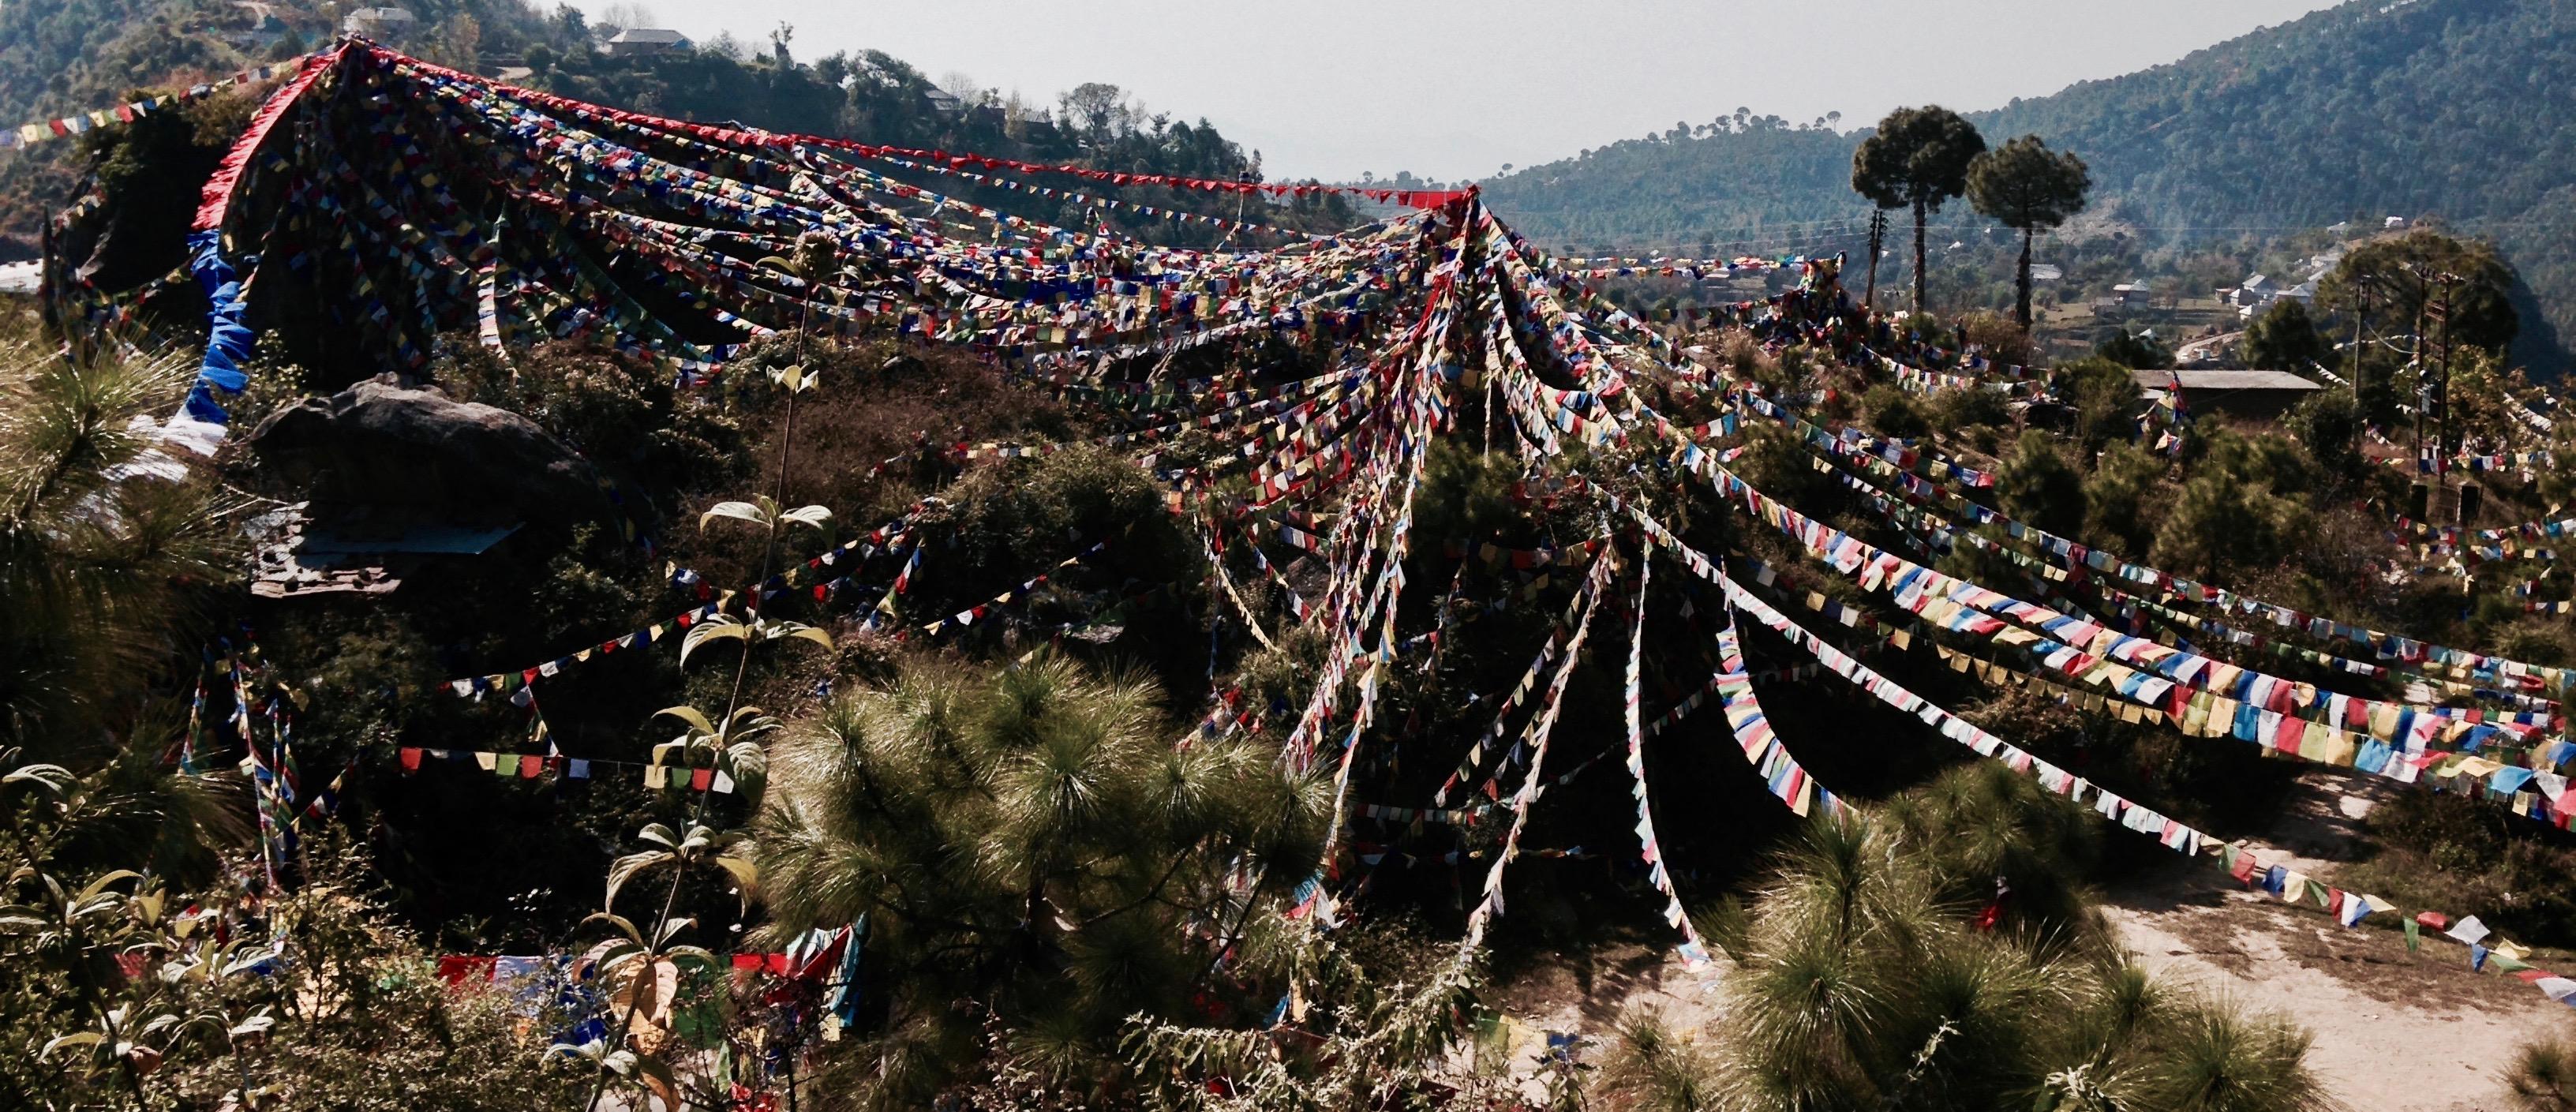 Prayer flags generating bodhicitta